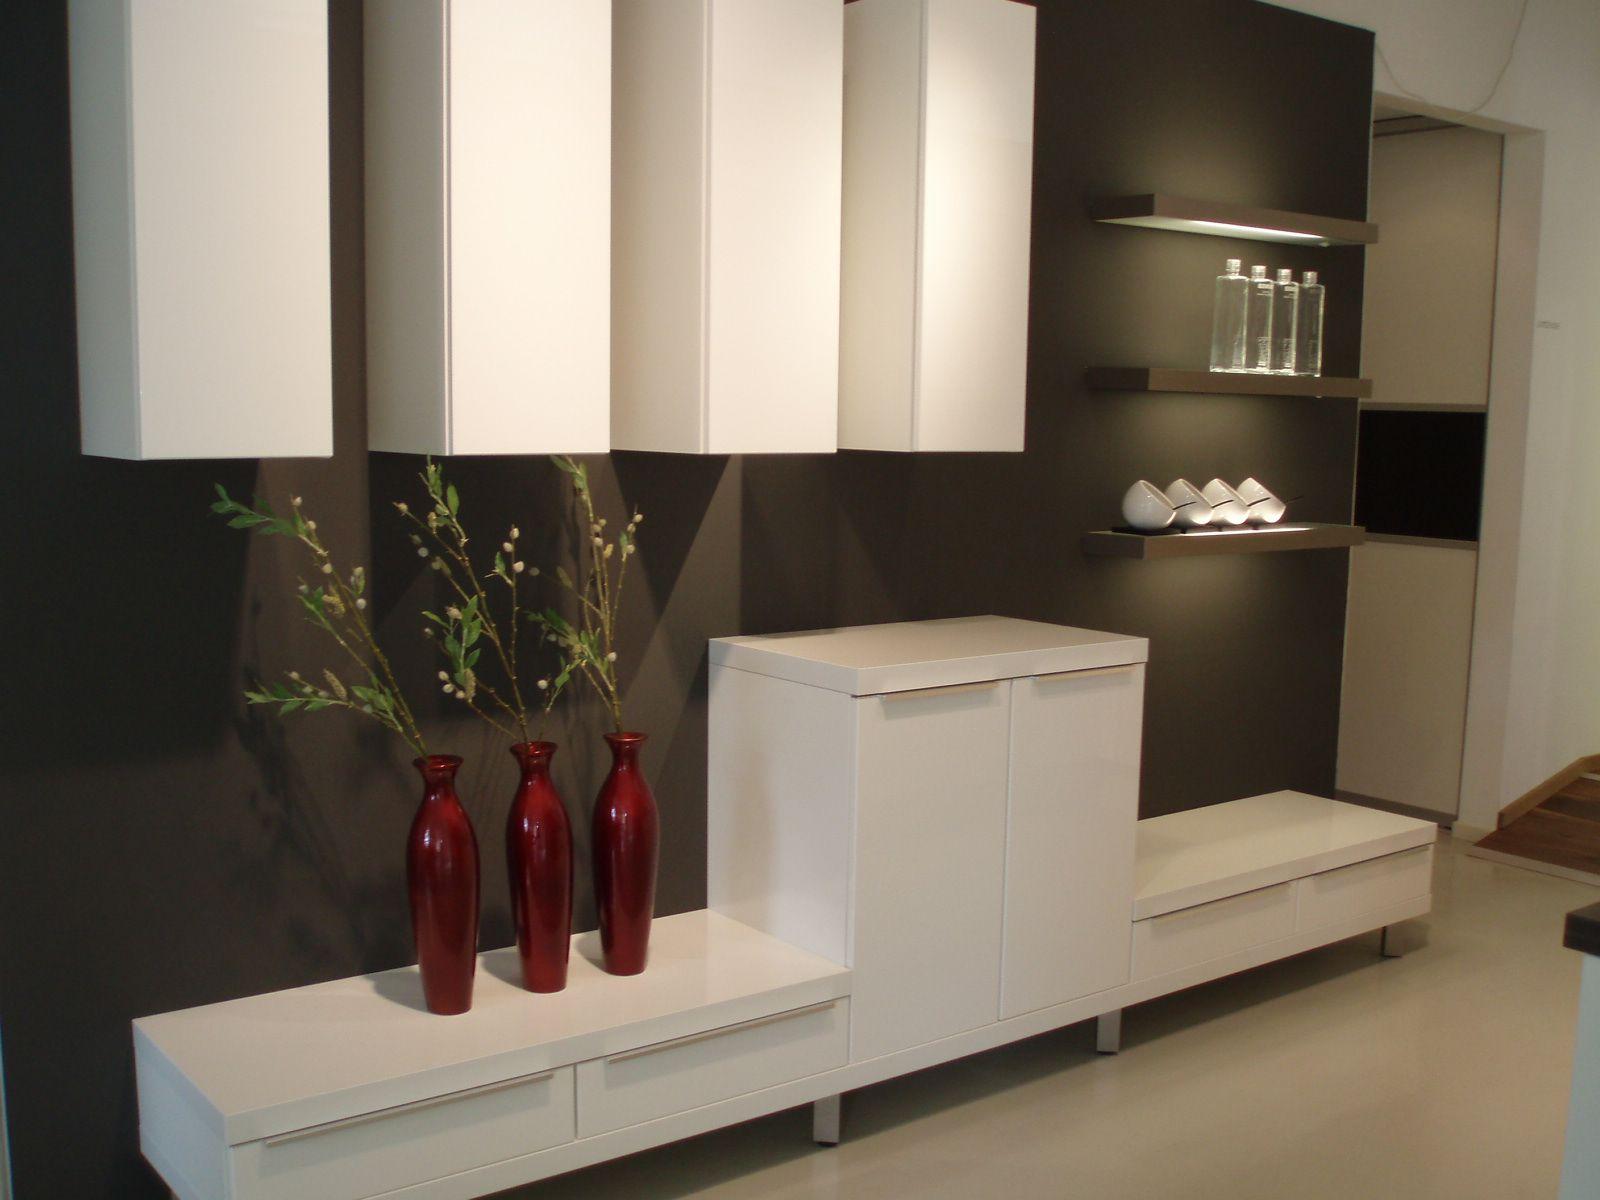 Nieuwe Keuken Aftrekbaar : Nederland keukens voor zeer lage keuken prijzen Wandmeubel [23323